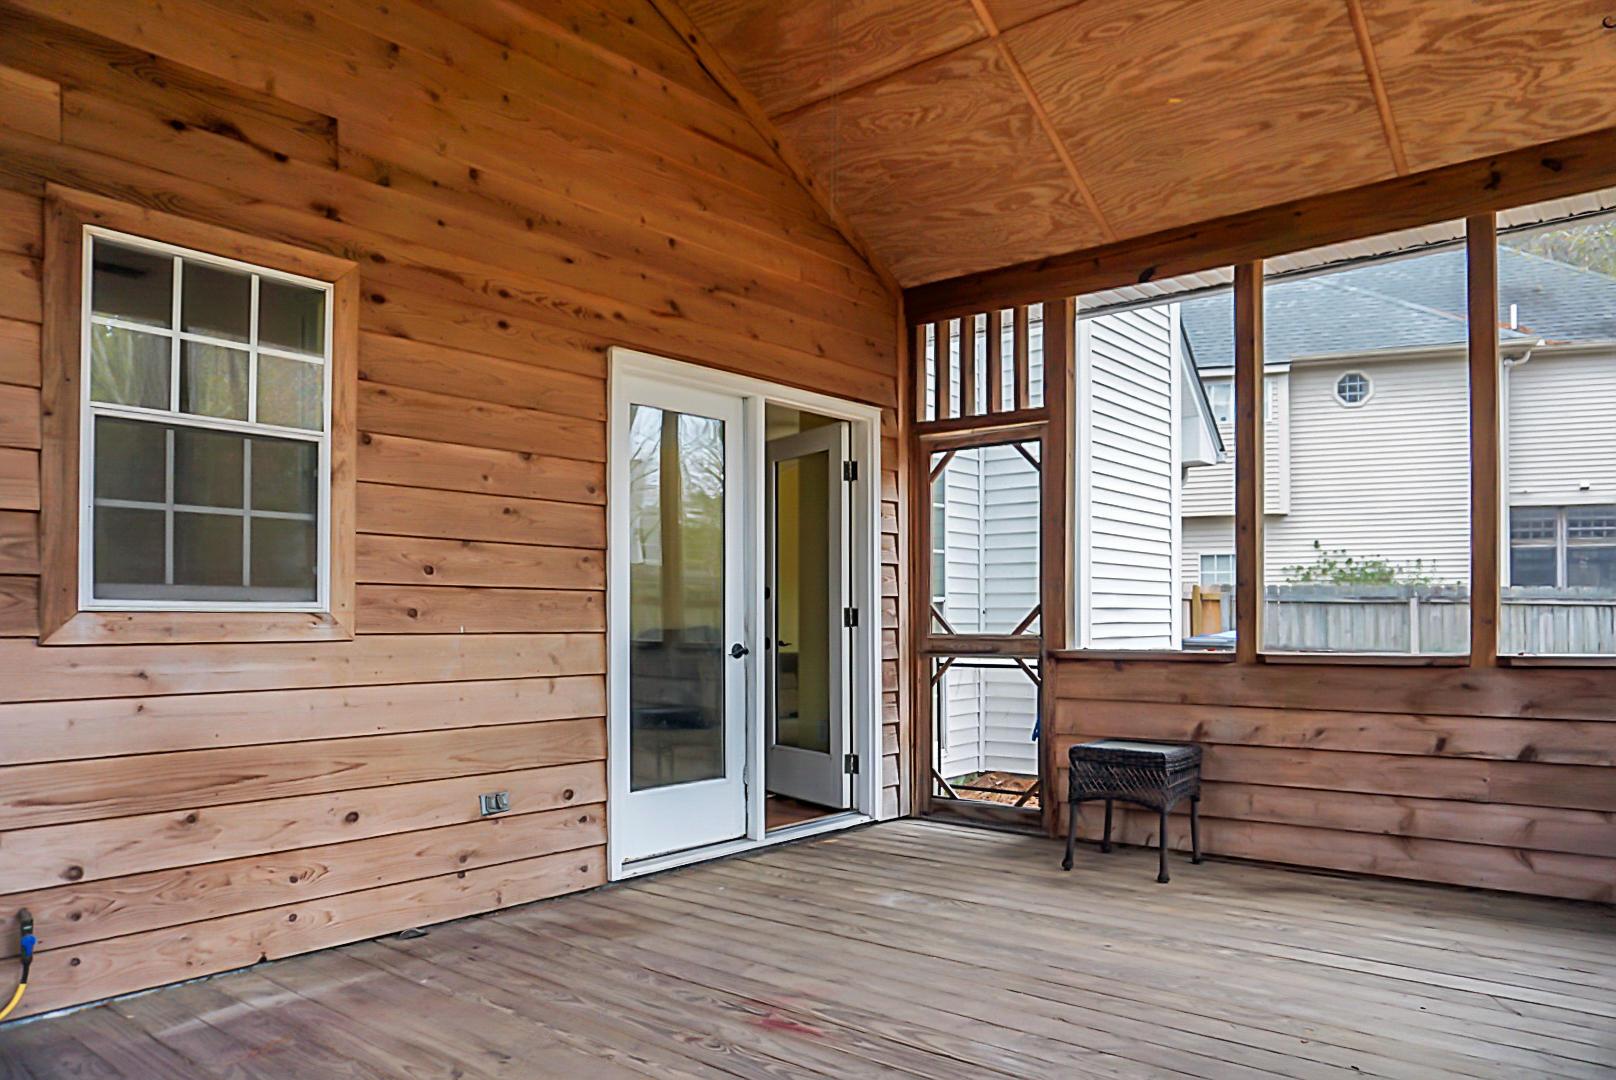 Dunes West Homes For Sale - 3209 Carmel Bay, Mount Pleasant, SC - 36